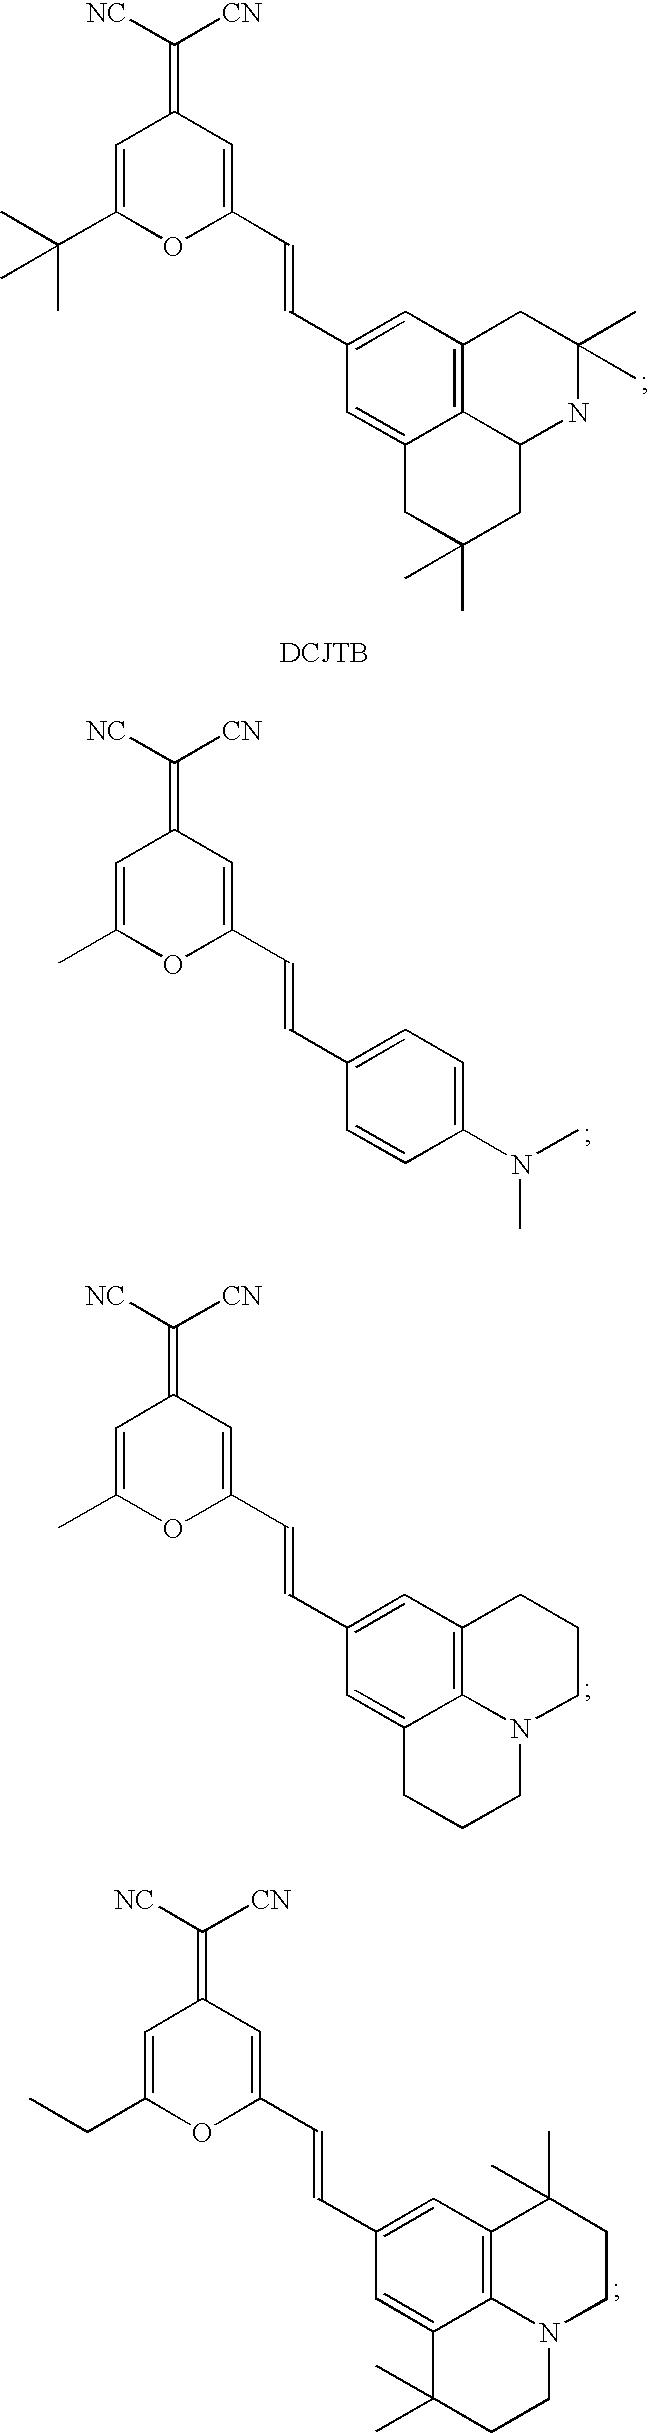 Figure US20060105198A1-20060518-C00039